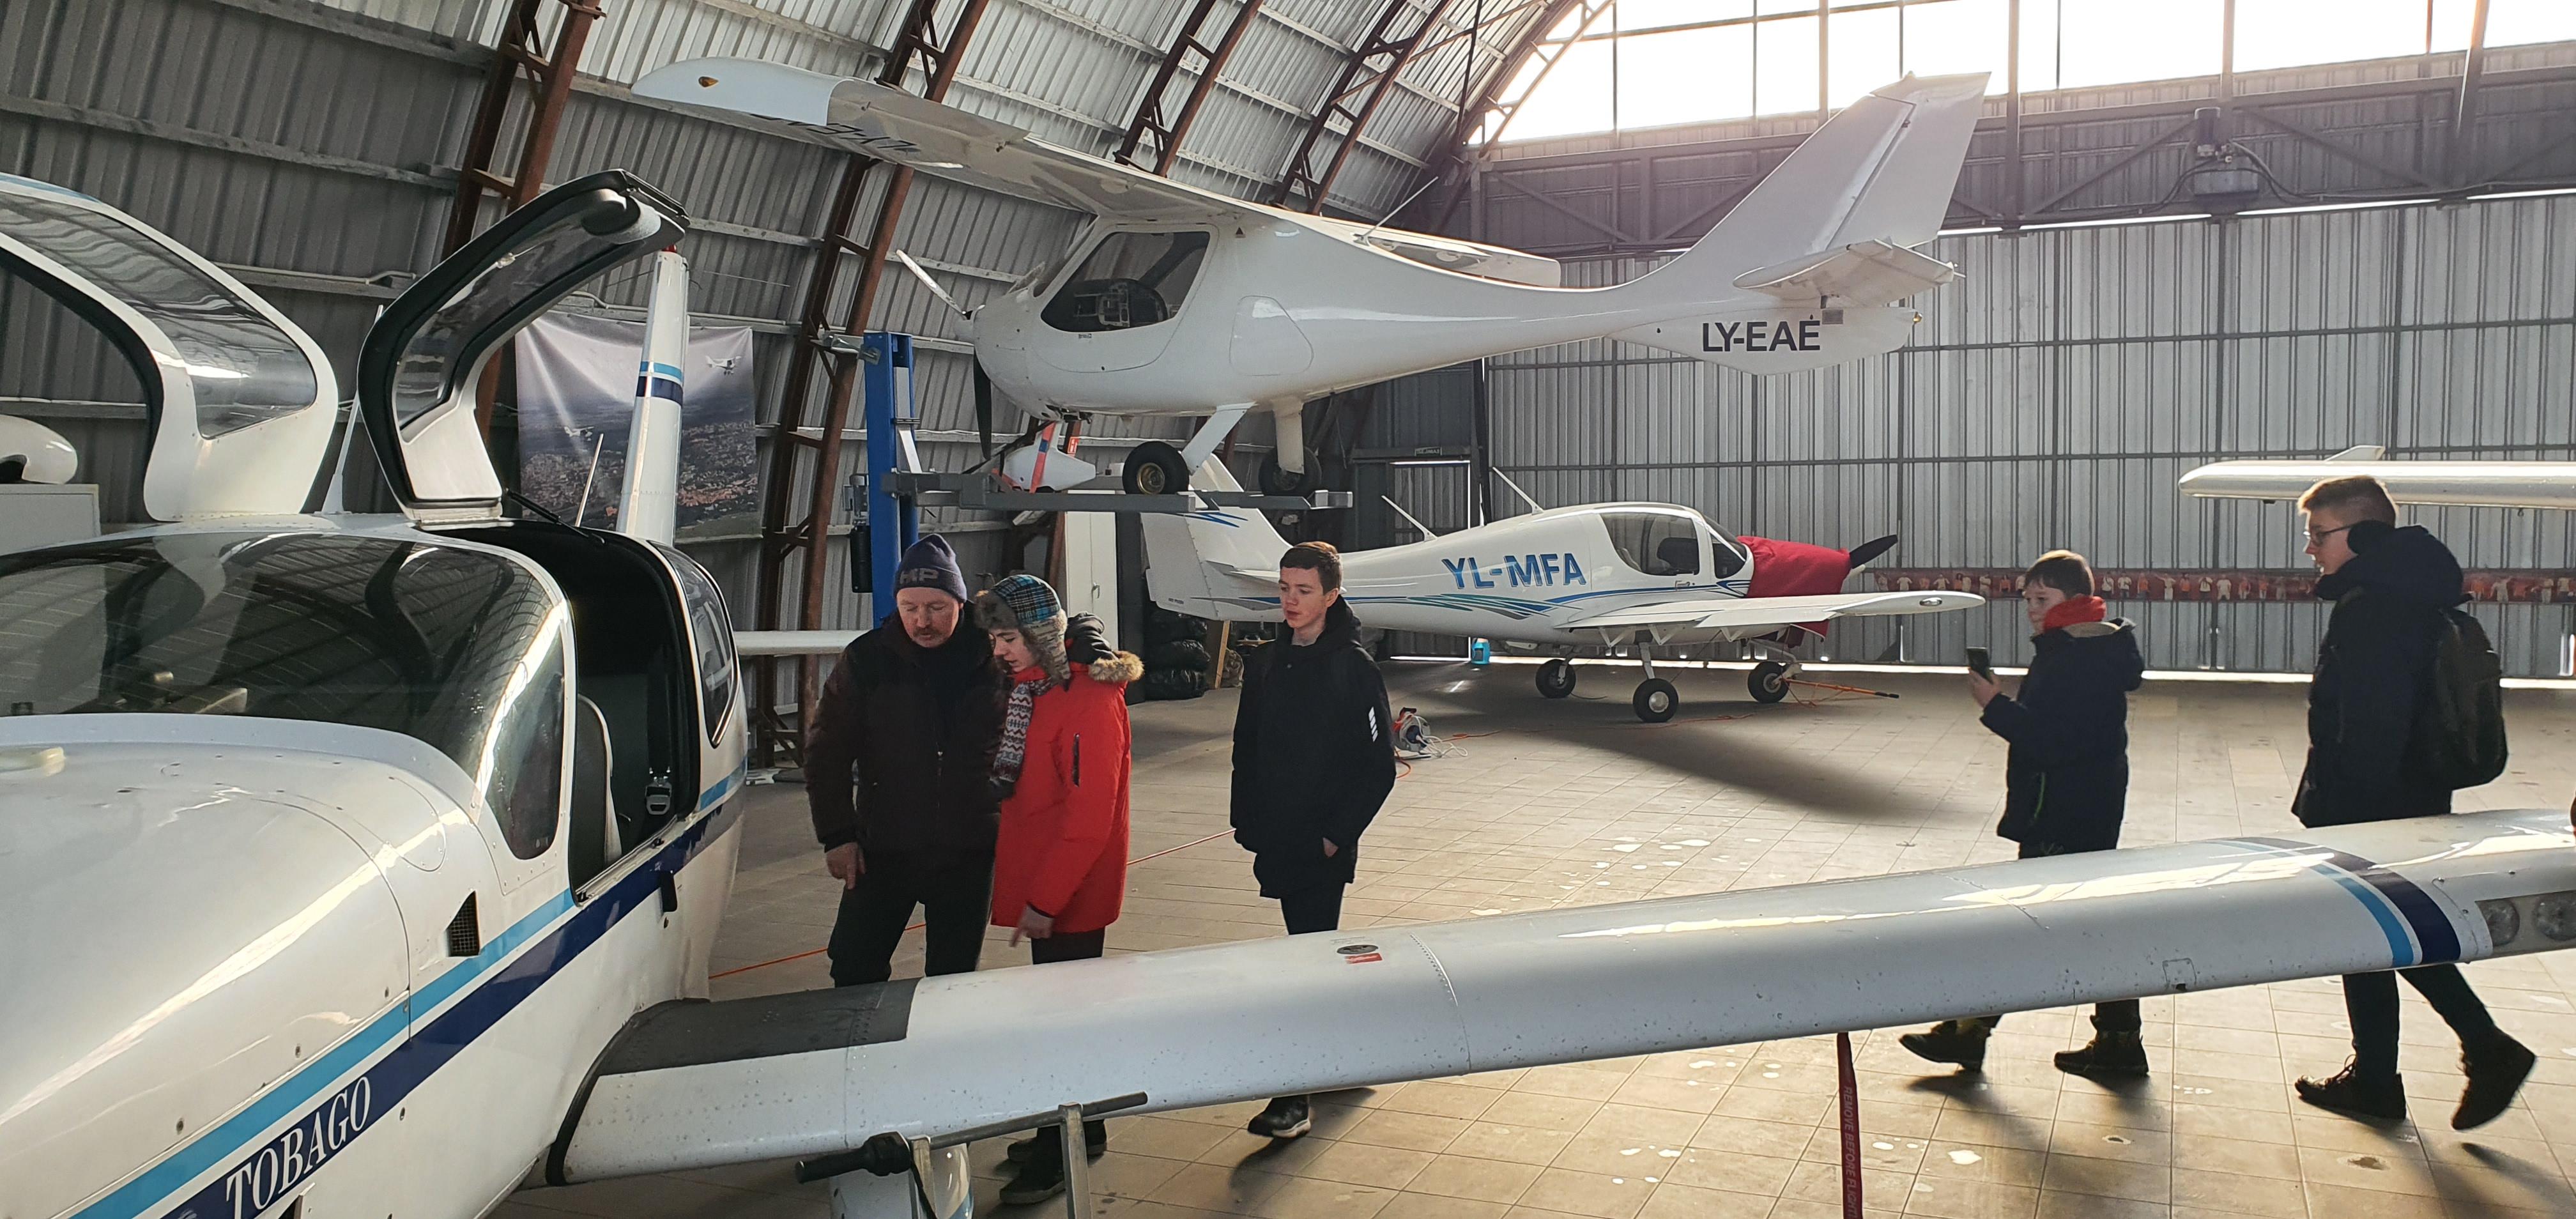 Vaiku aviacija